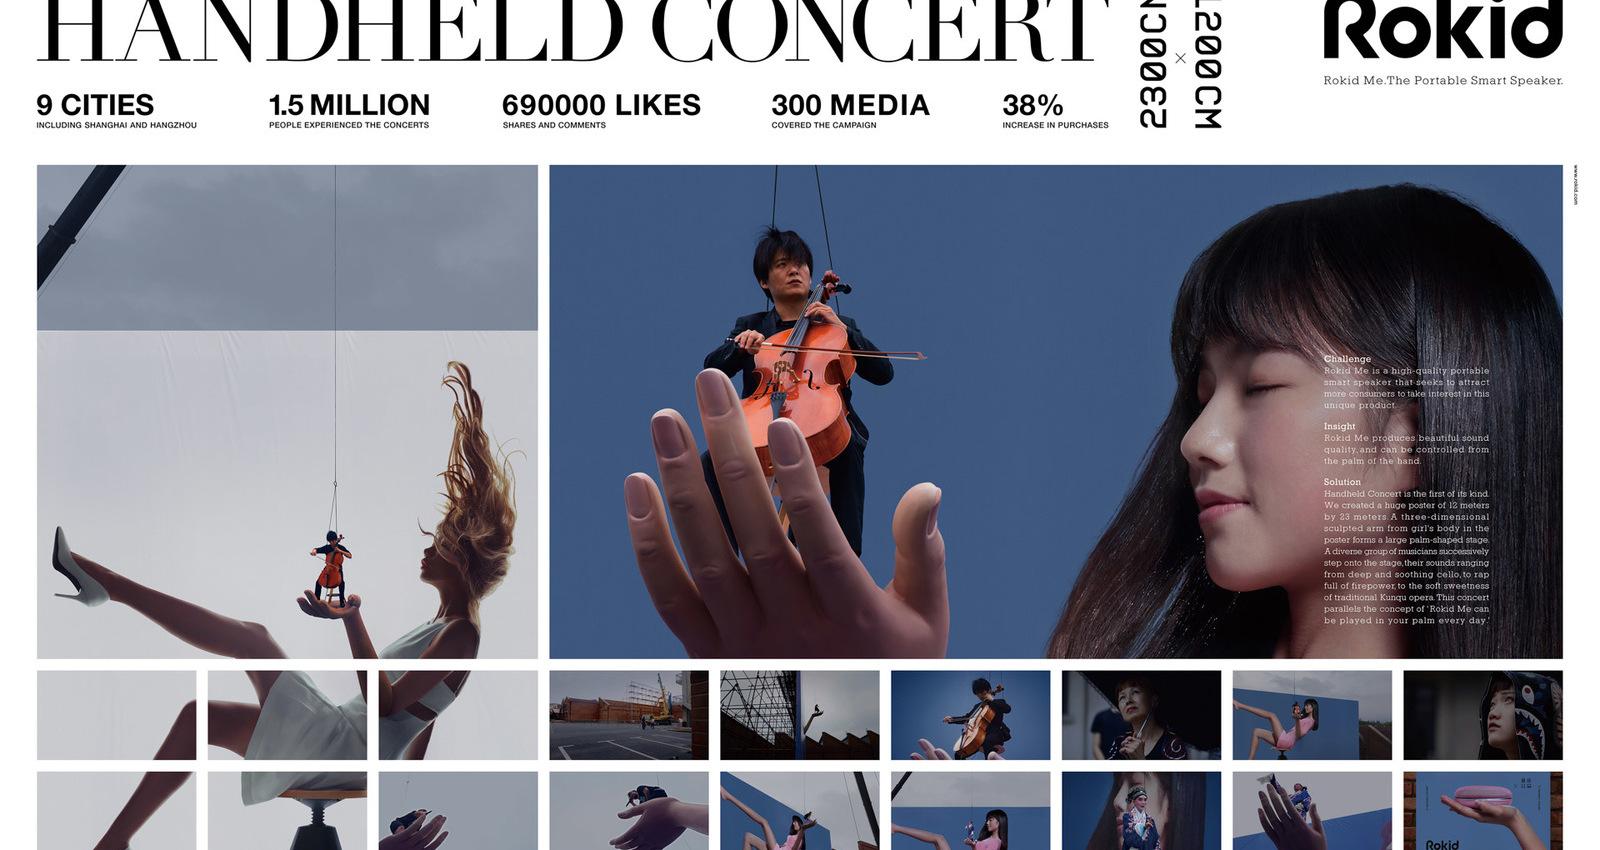 Handheld Concert